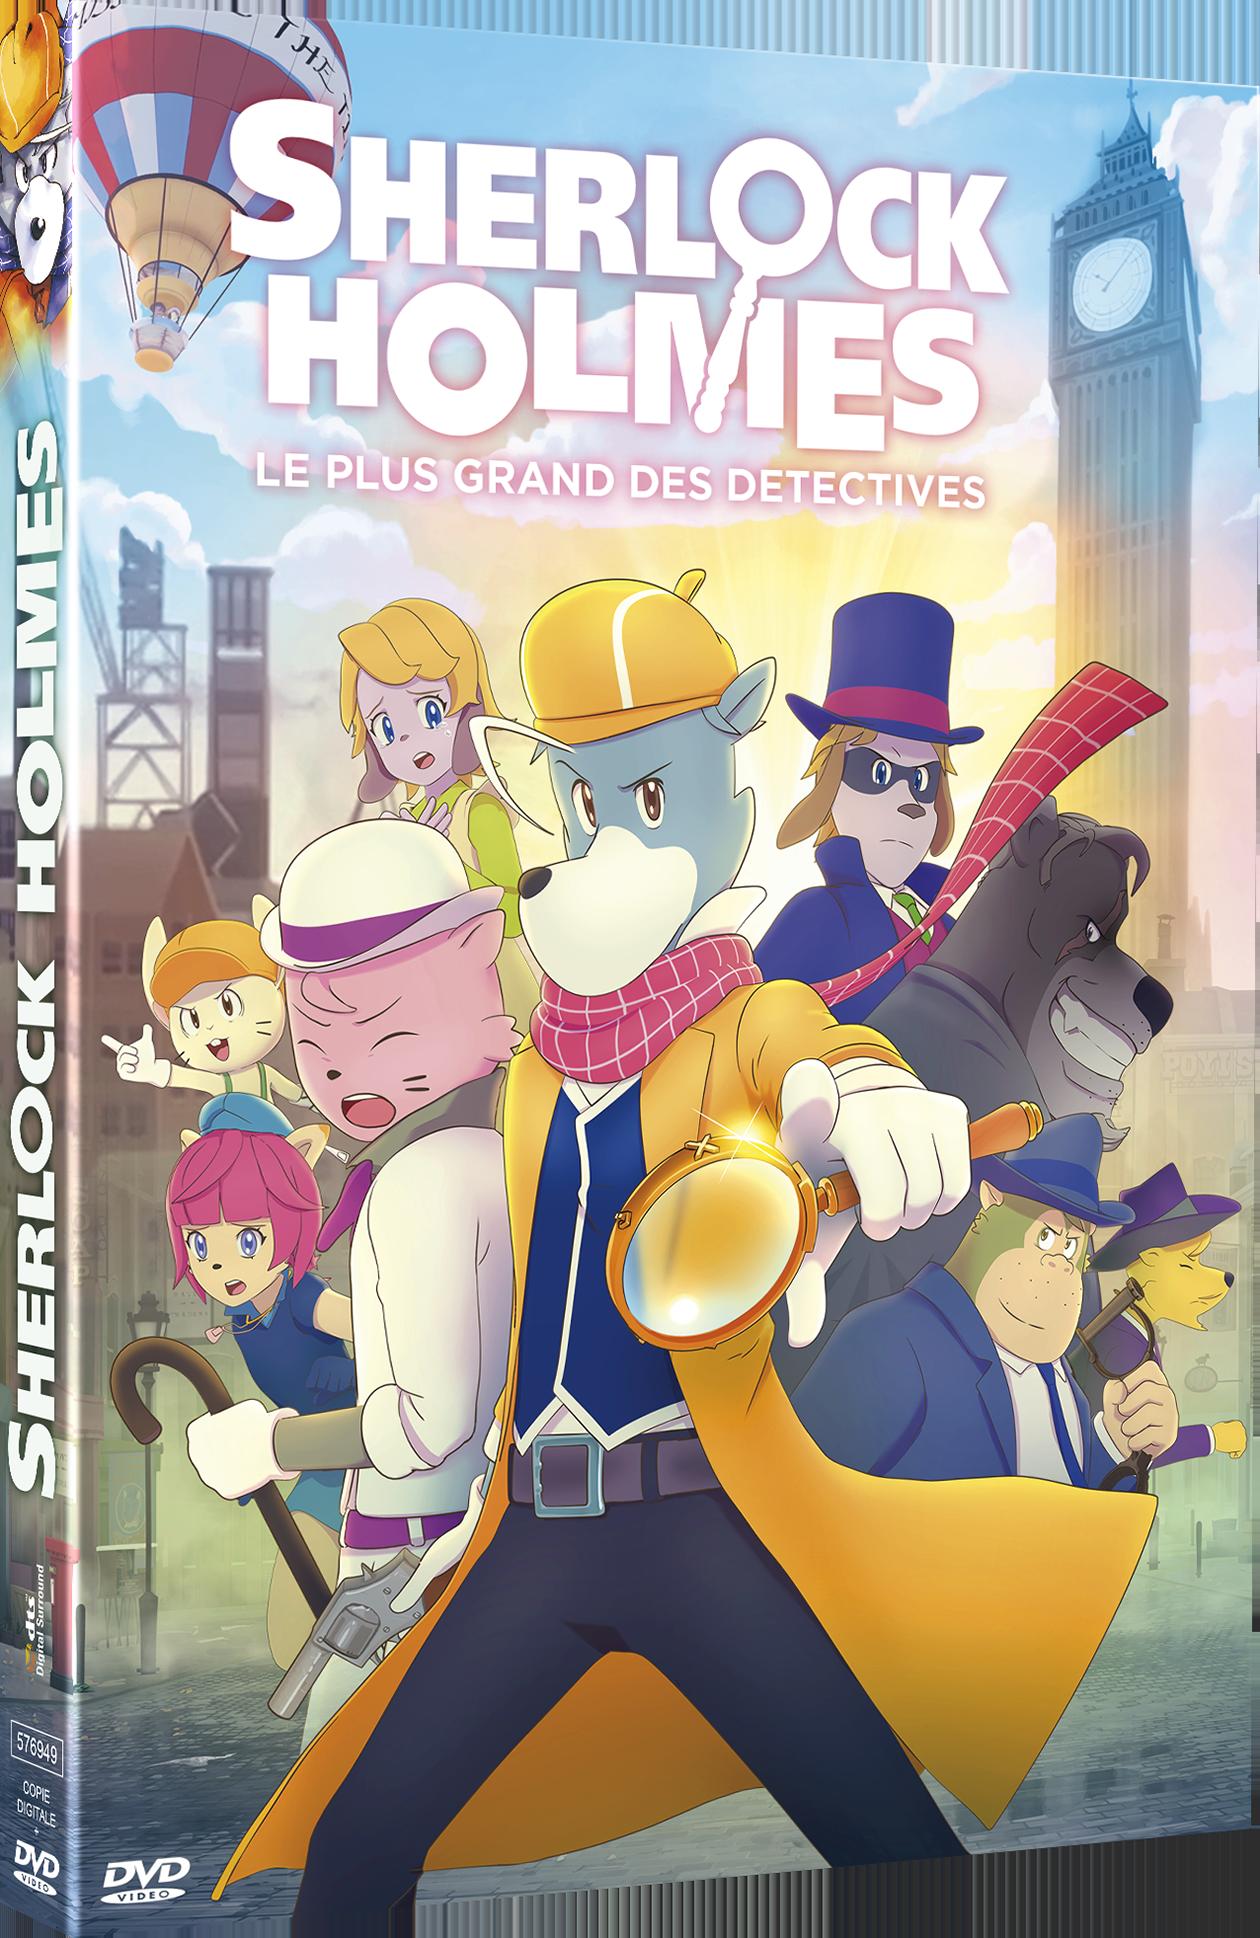 SHERLOCK HOLMES LE PLUS GRAND DES DETECTIVES